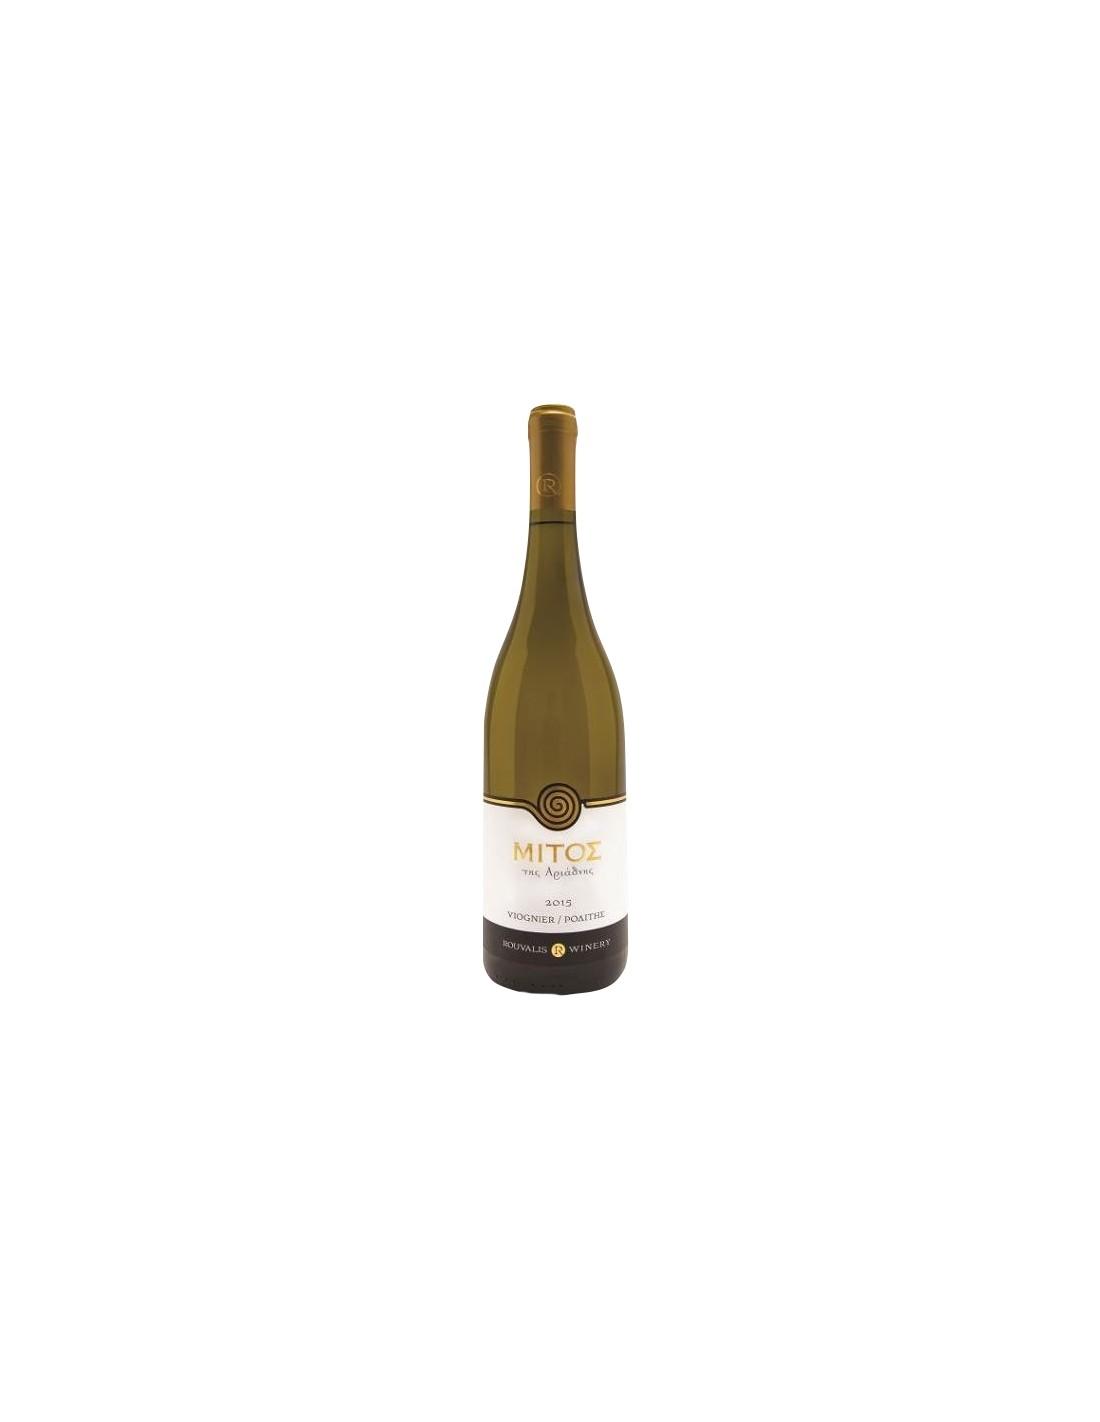 Vin alb, Mitos Rod Viognier, 0.75L, Grecia